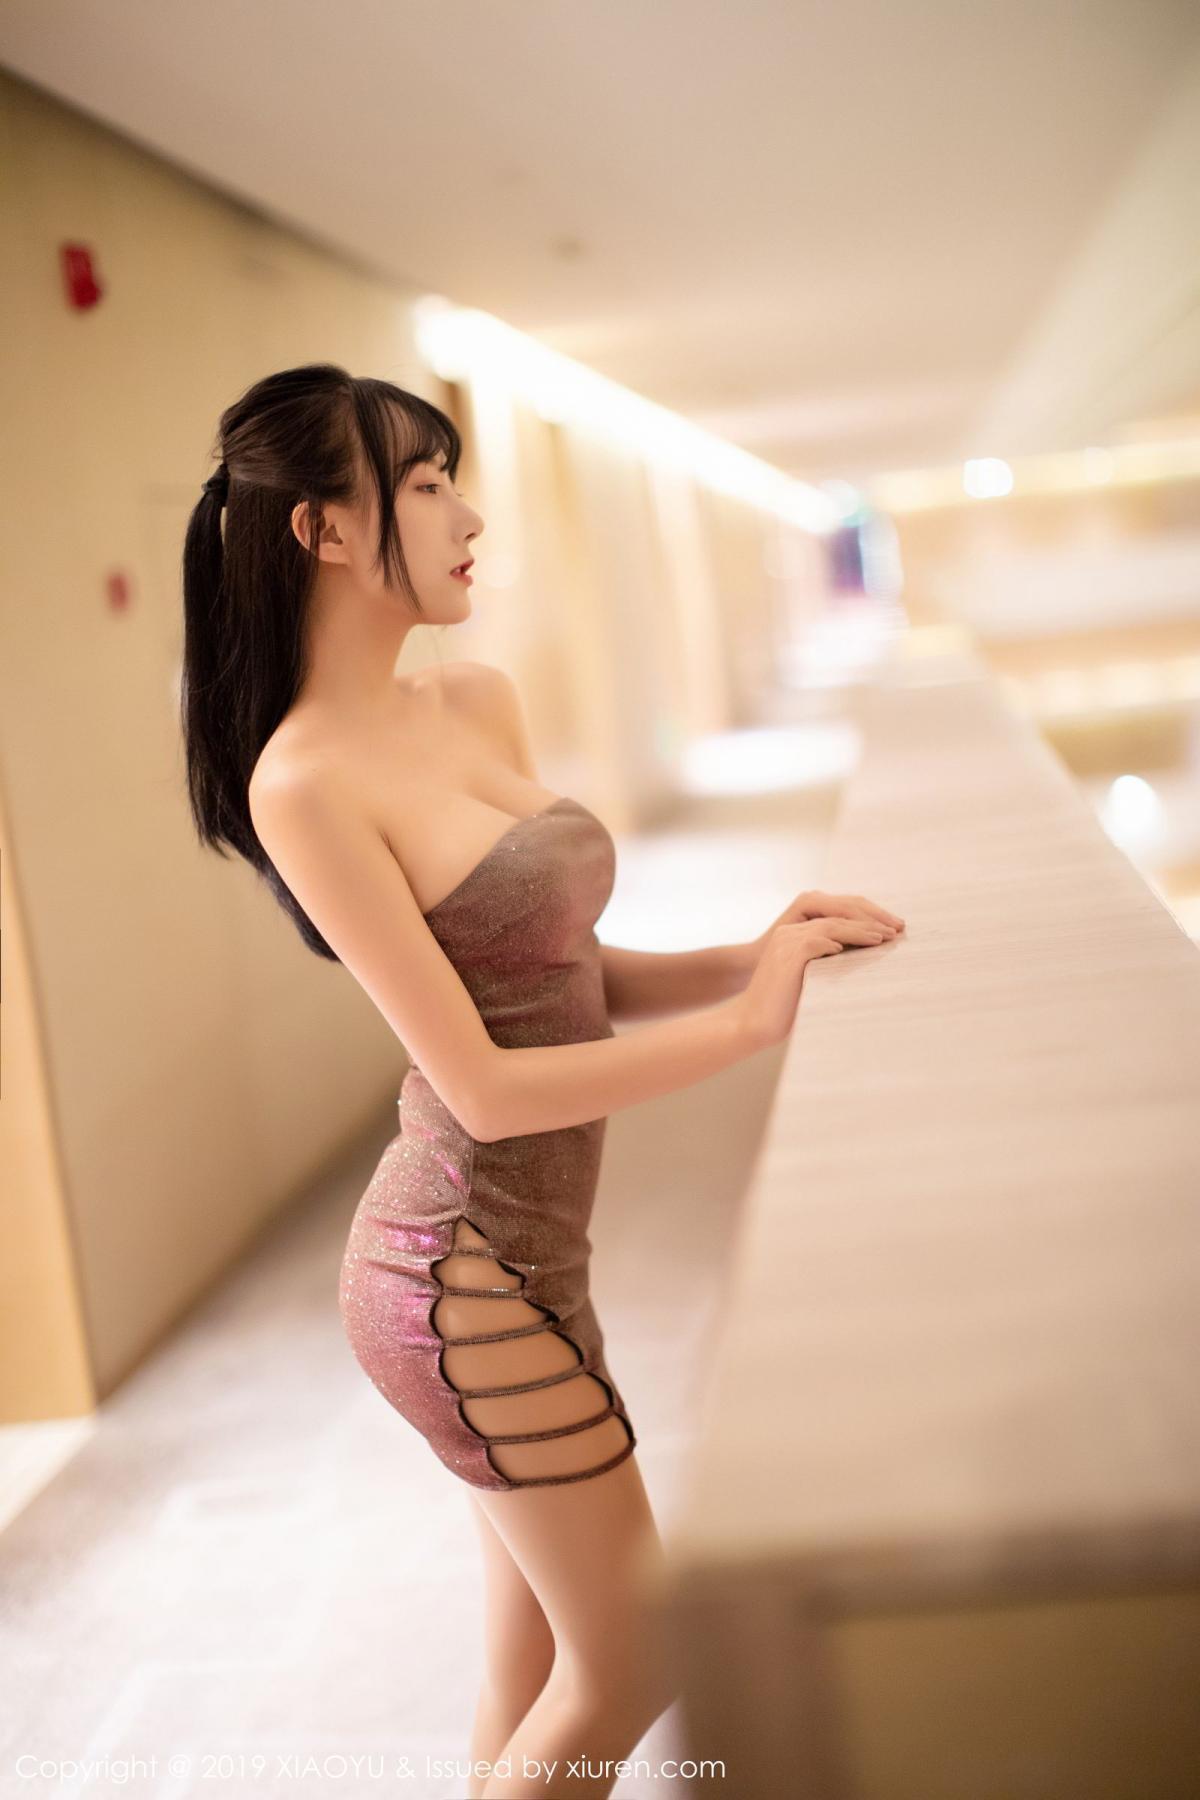 [XiaoYu] Vol.159 He Jia Ying 5P, He Jia Ying, Tall, XiaoYu